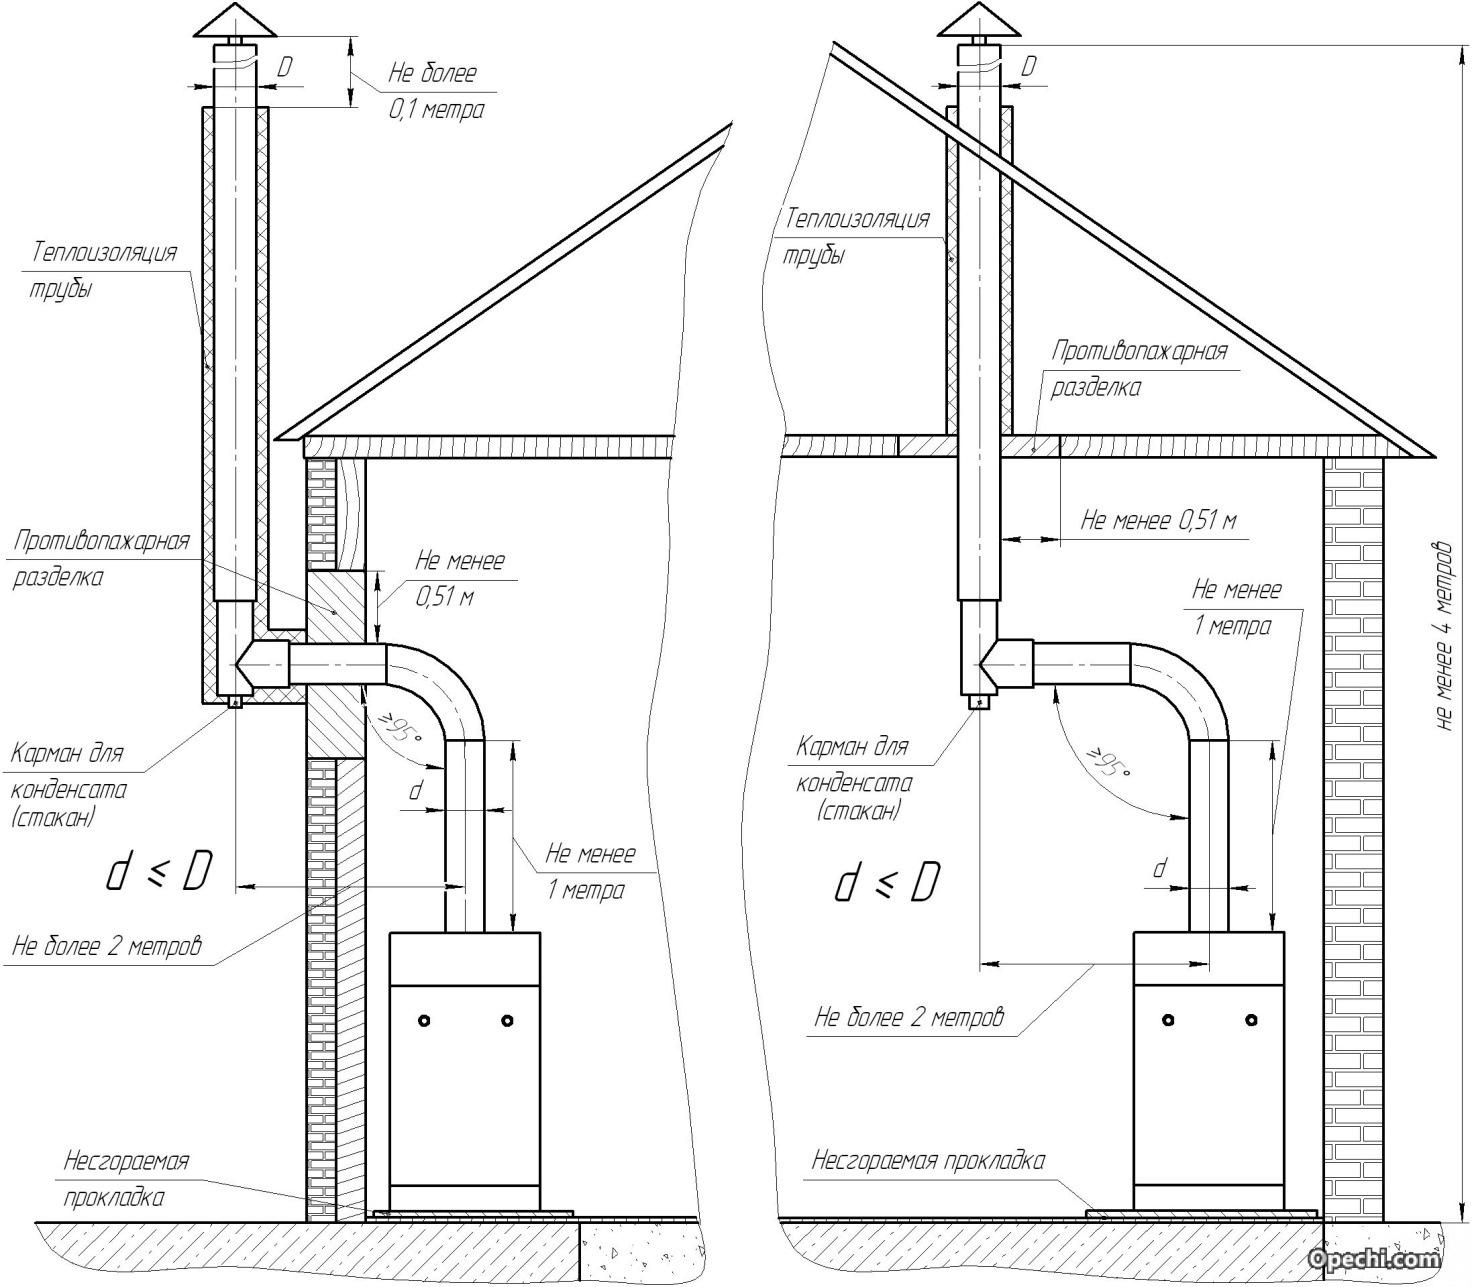 Вентиляция через стену в частном доме схема